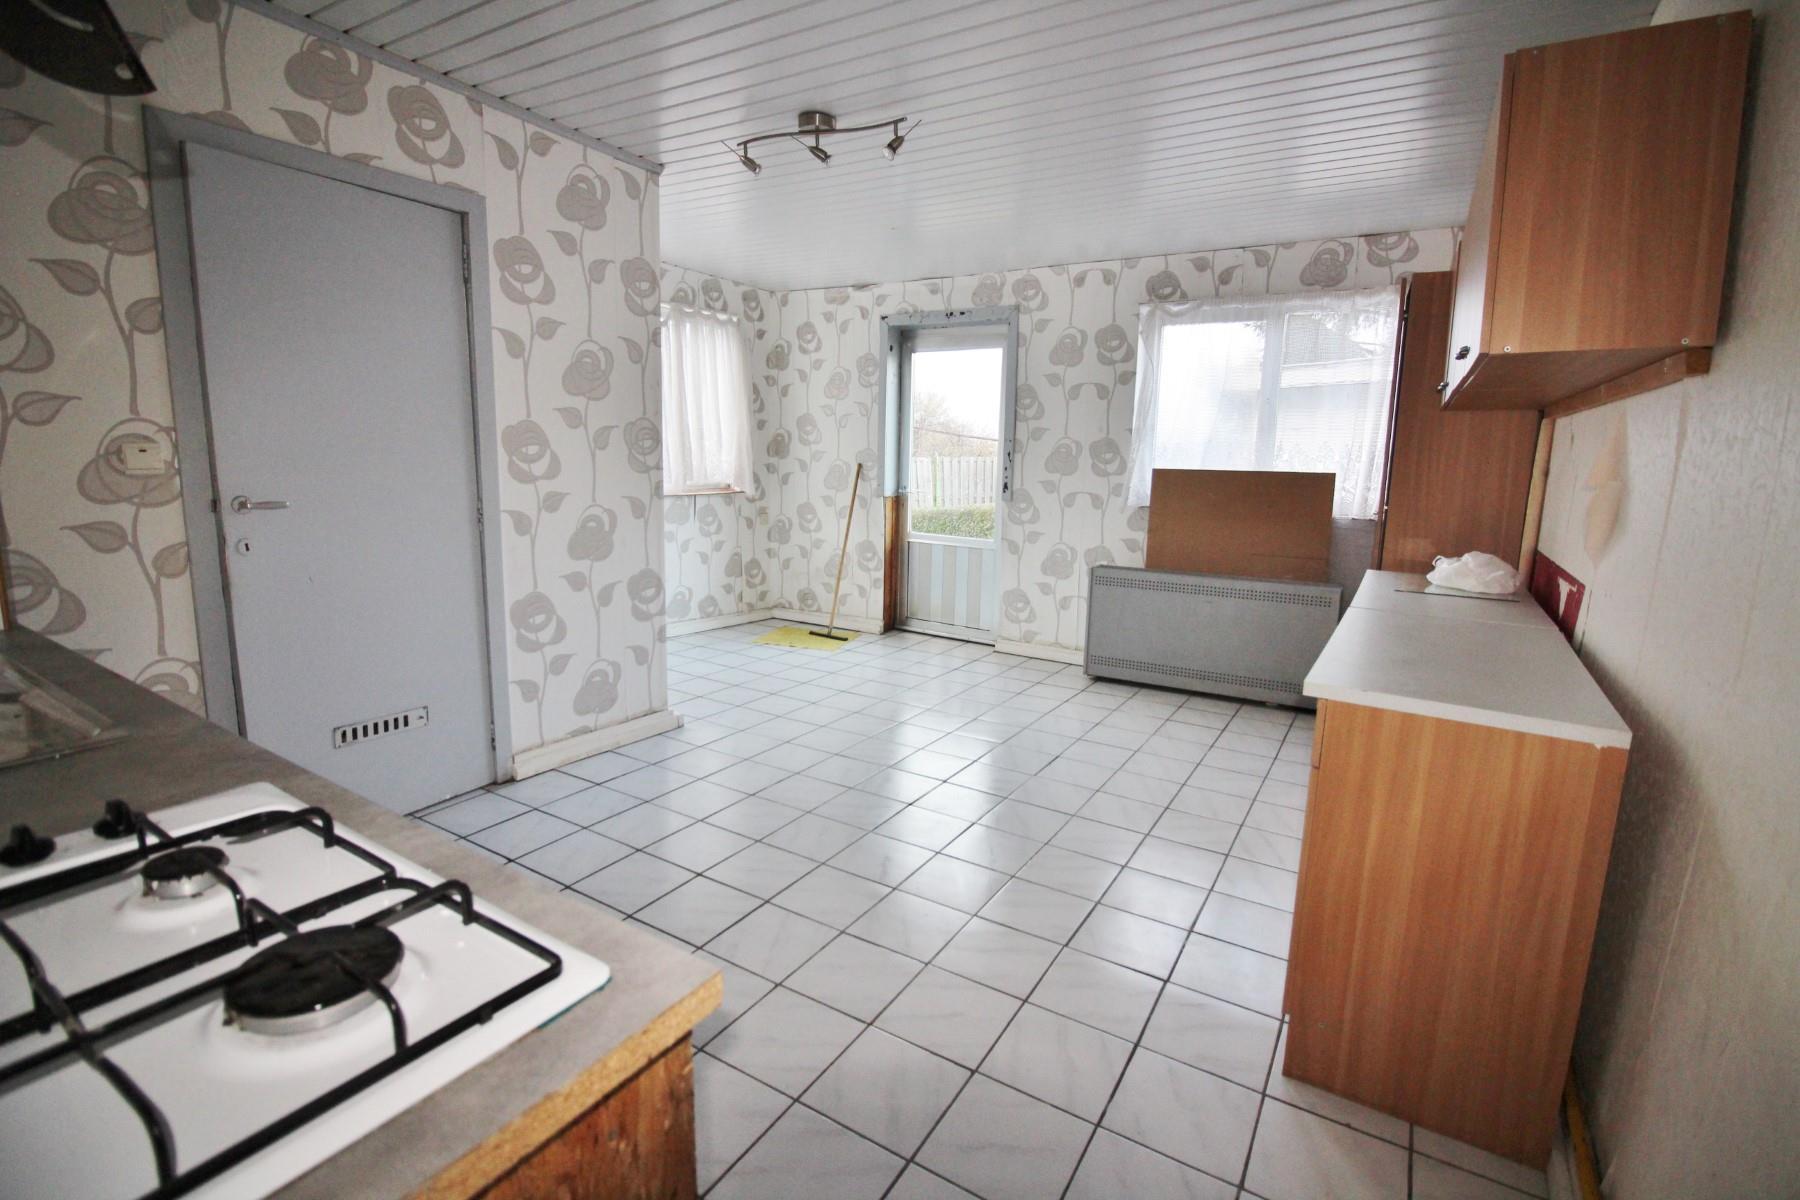 Maison - Visé Cheratte - #3247885-6